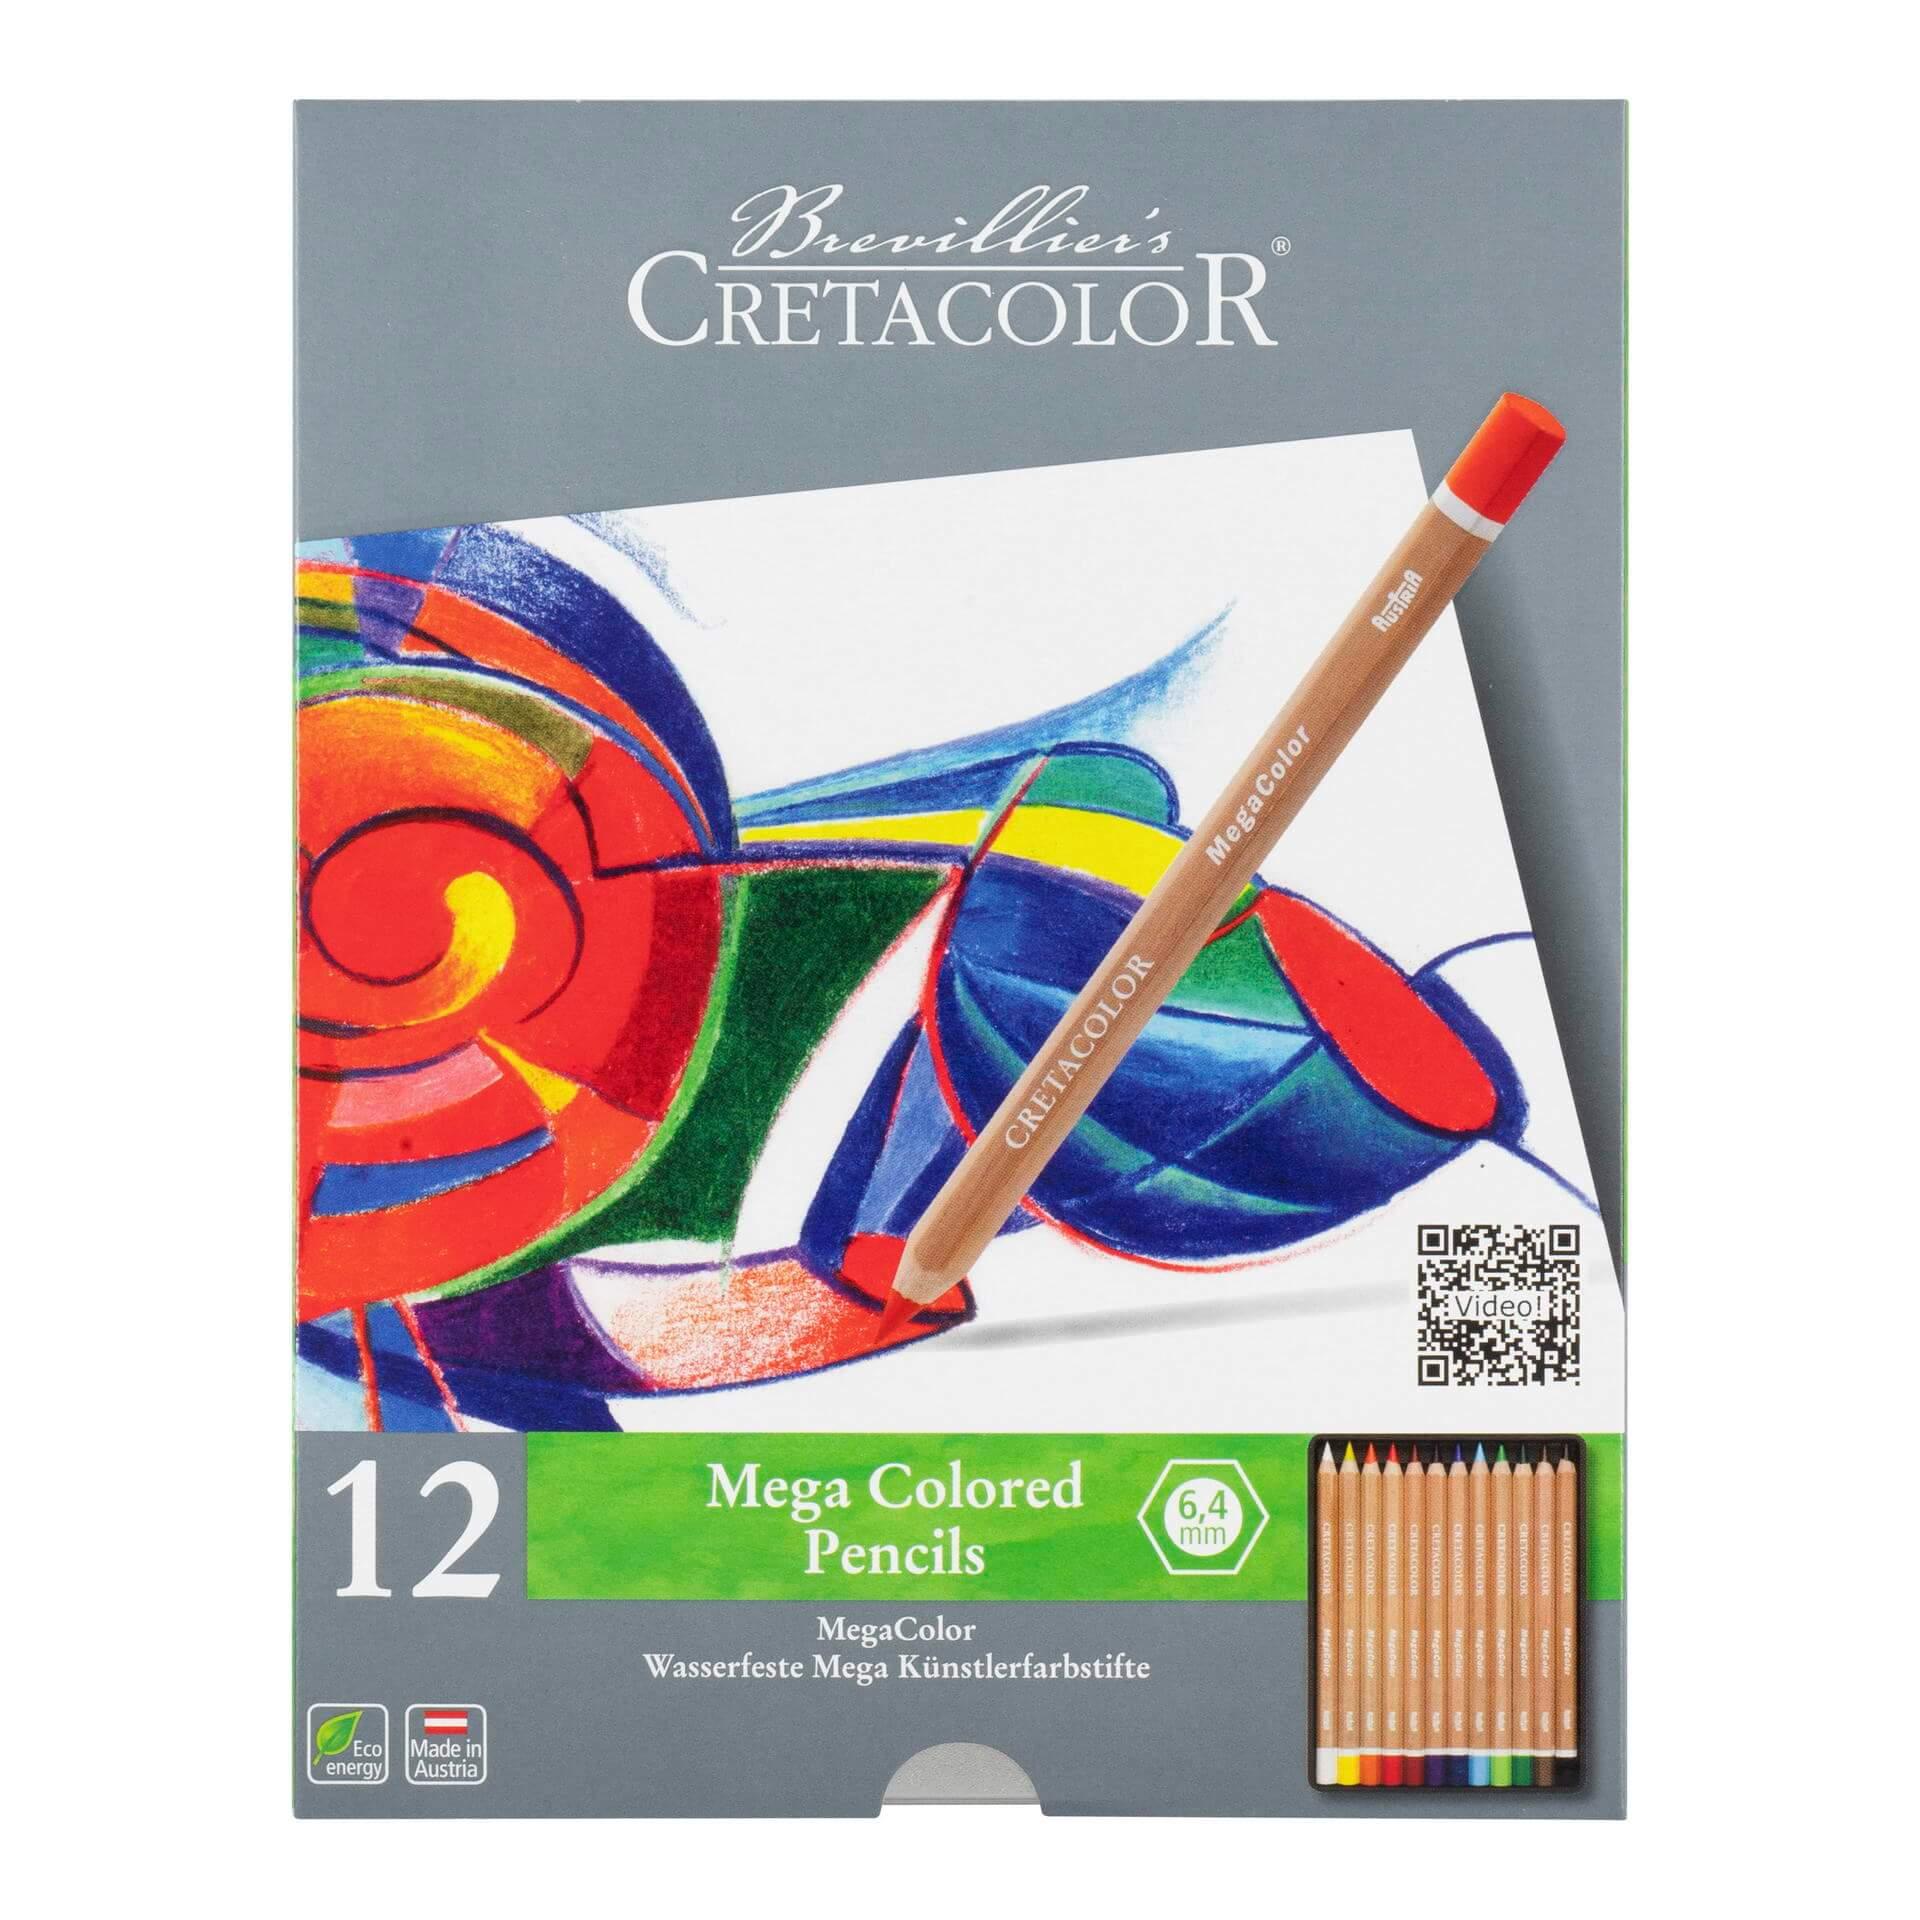 Cretacolor - Mega Colored Pencils